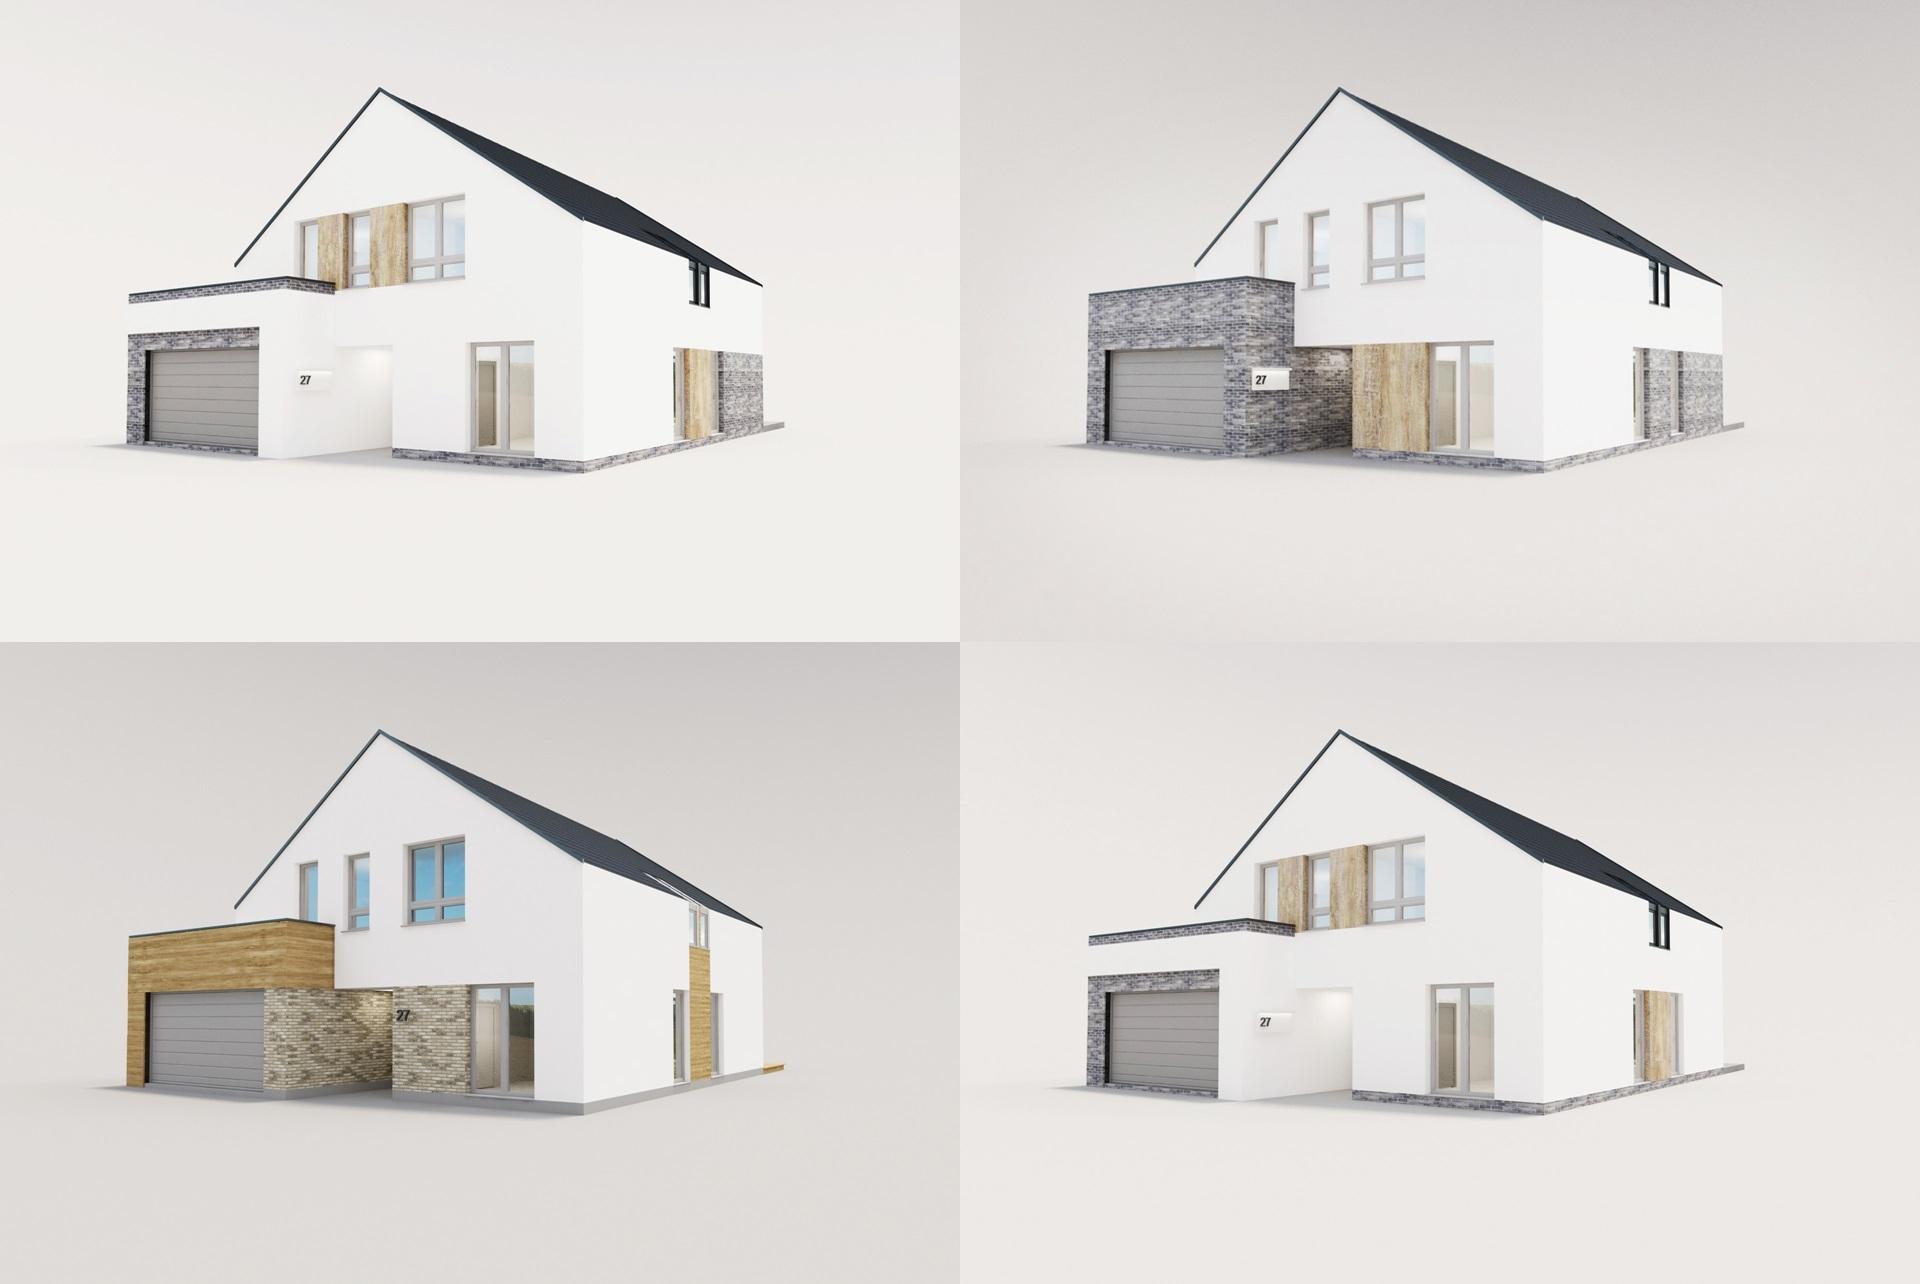 Projekt Elewacji Domu Nowoczesny Wkręconapl Blog Lifestylowy